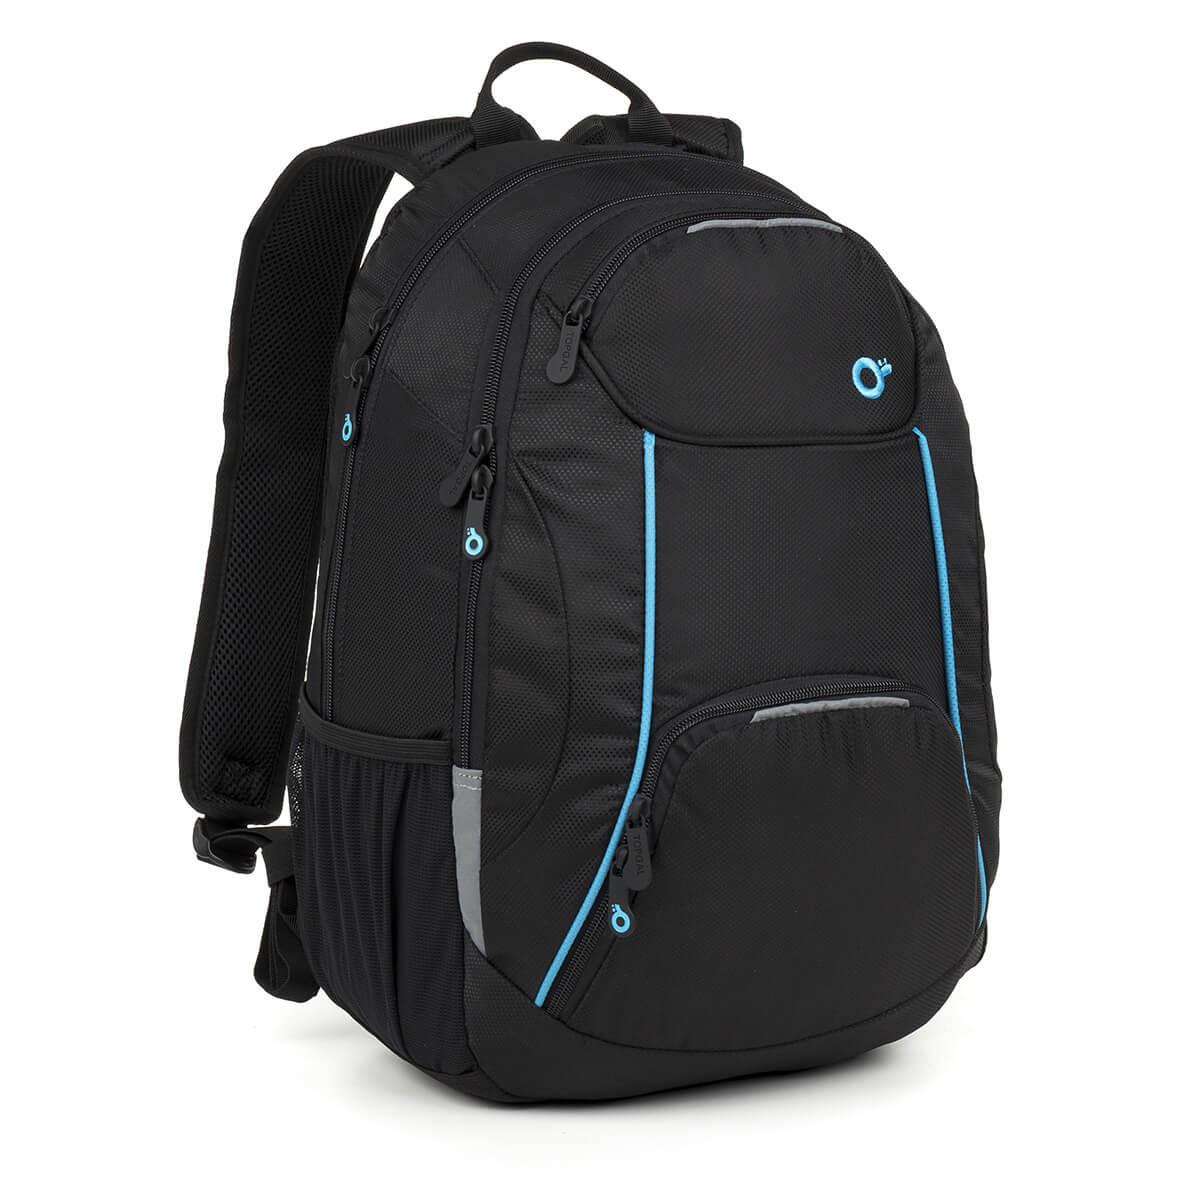 Studentský batoh Topgal TONY 18052 B. Dvoukomorový ... 375a9670e1